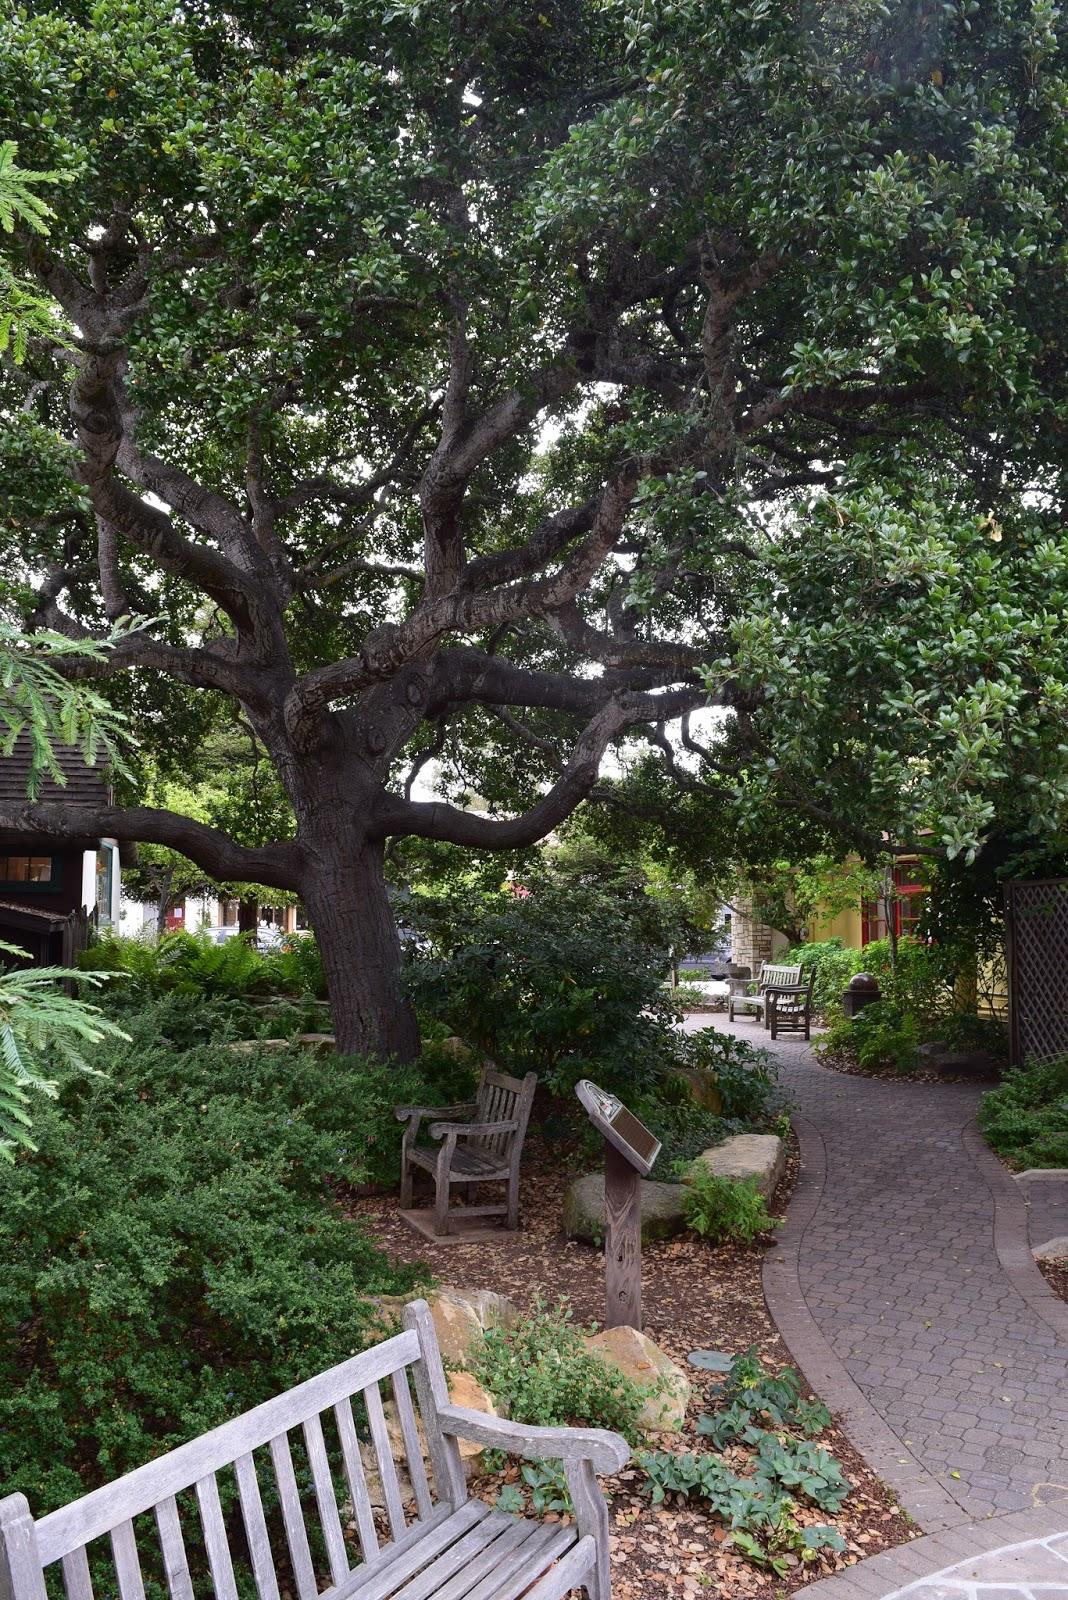 Friends Of Carmel Forest Tree Tour With Dr Matt Ritter